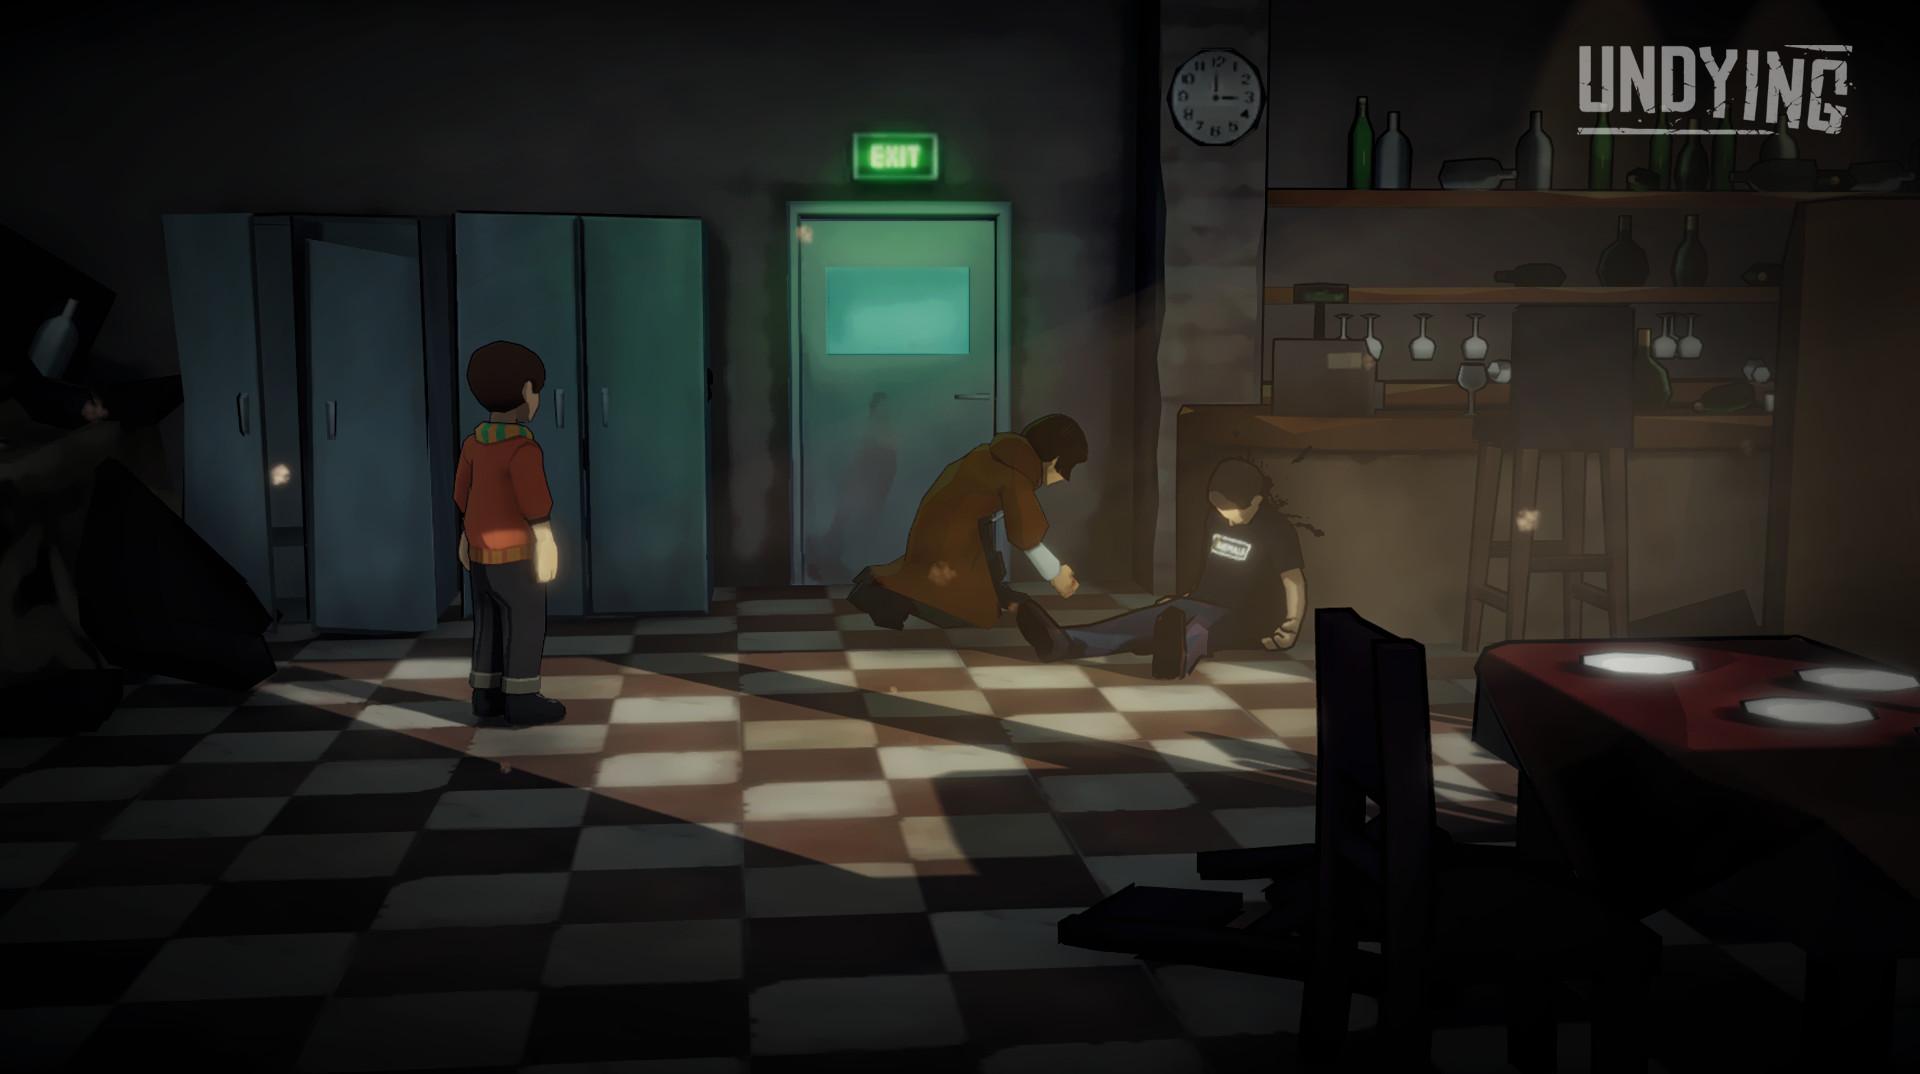 Undying será una deprimente historia materno-filial sobre el apocalipsis zombi